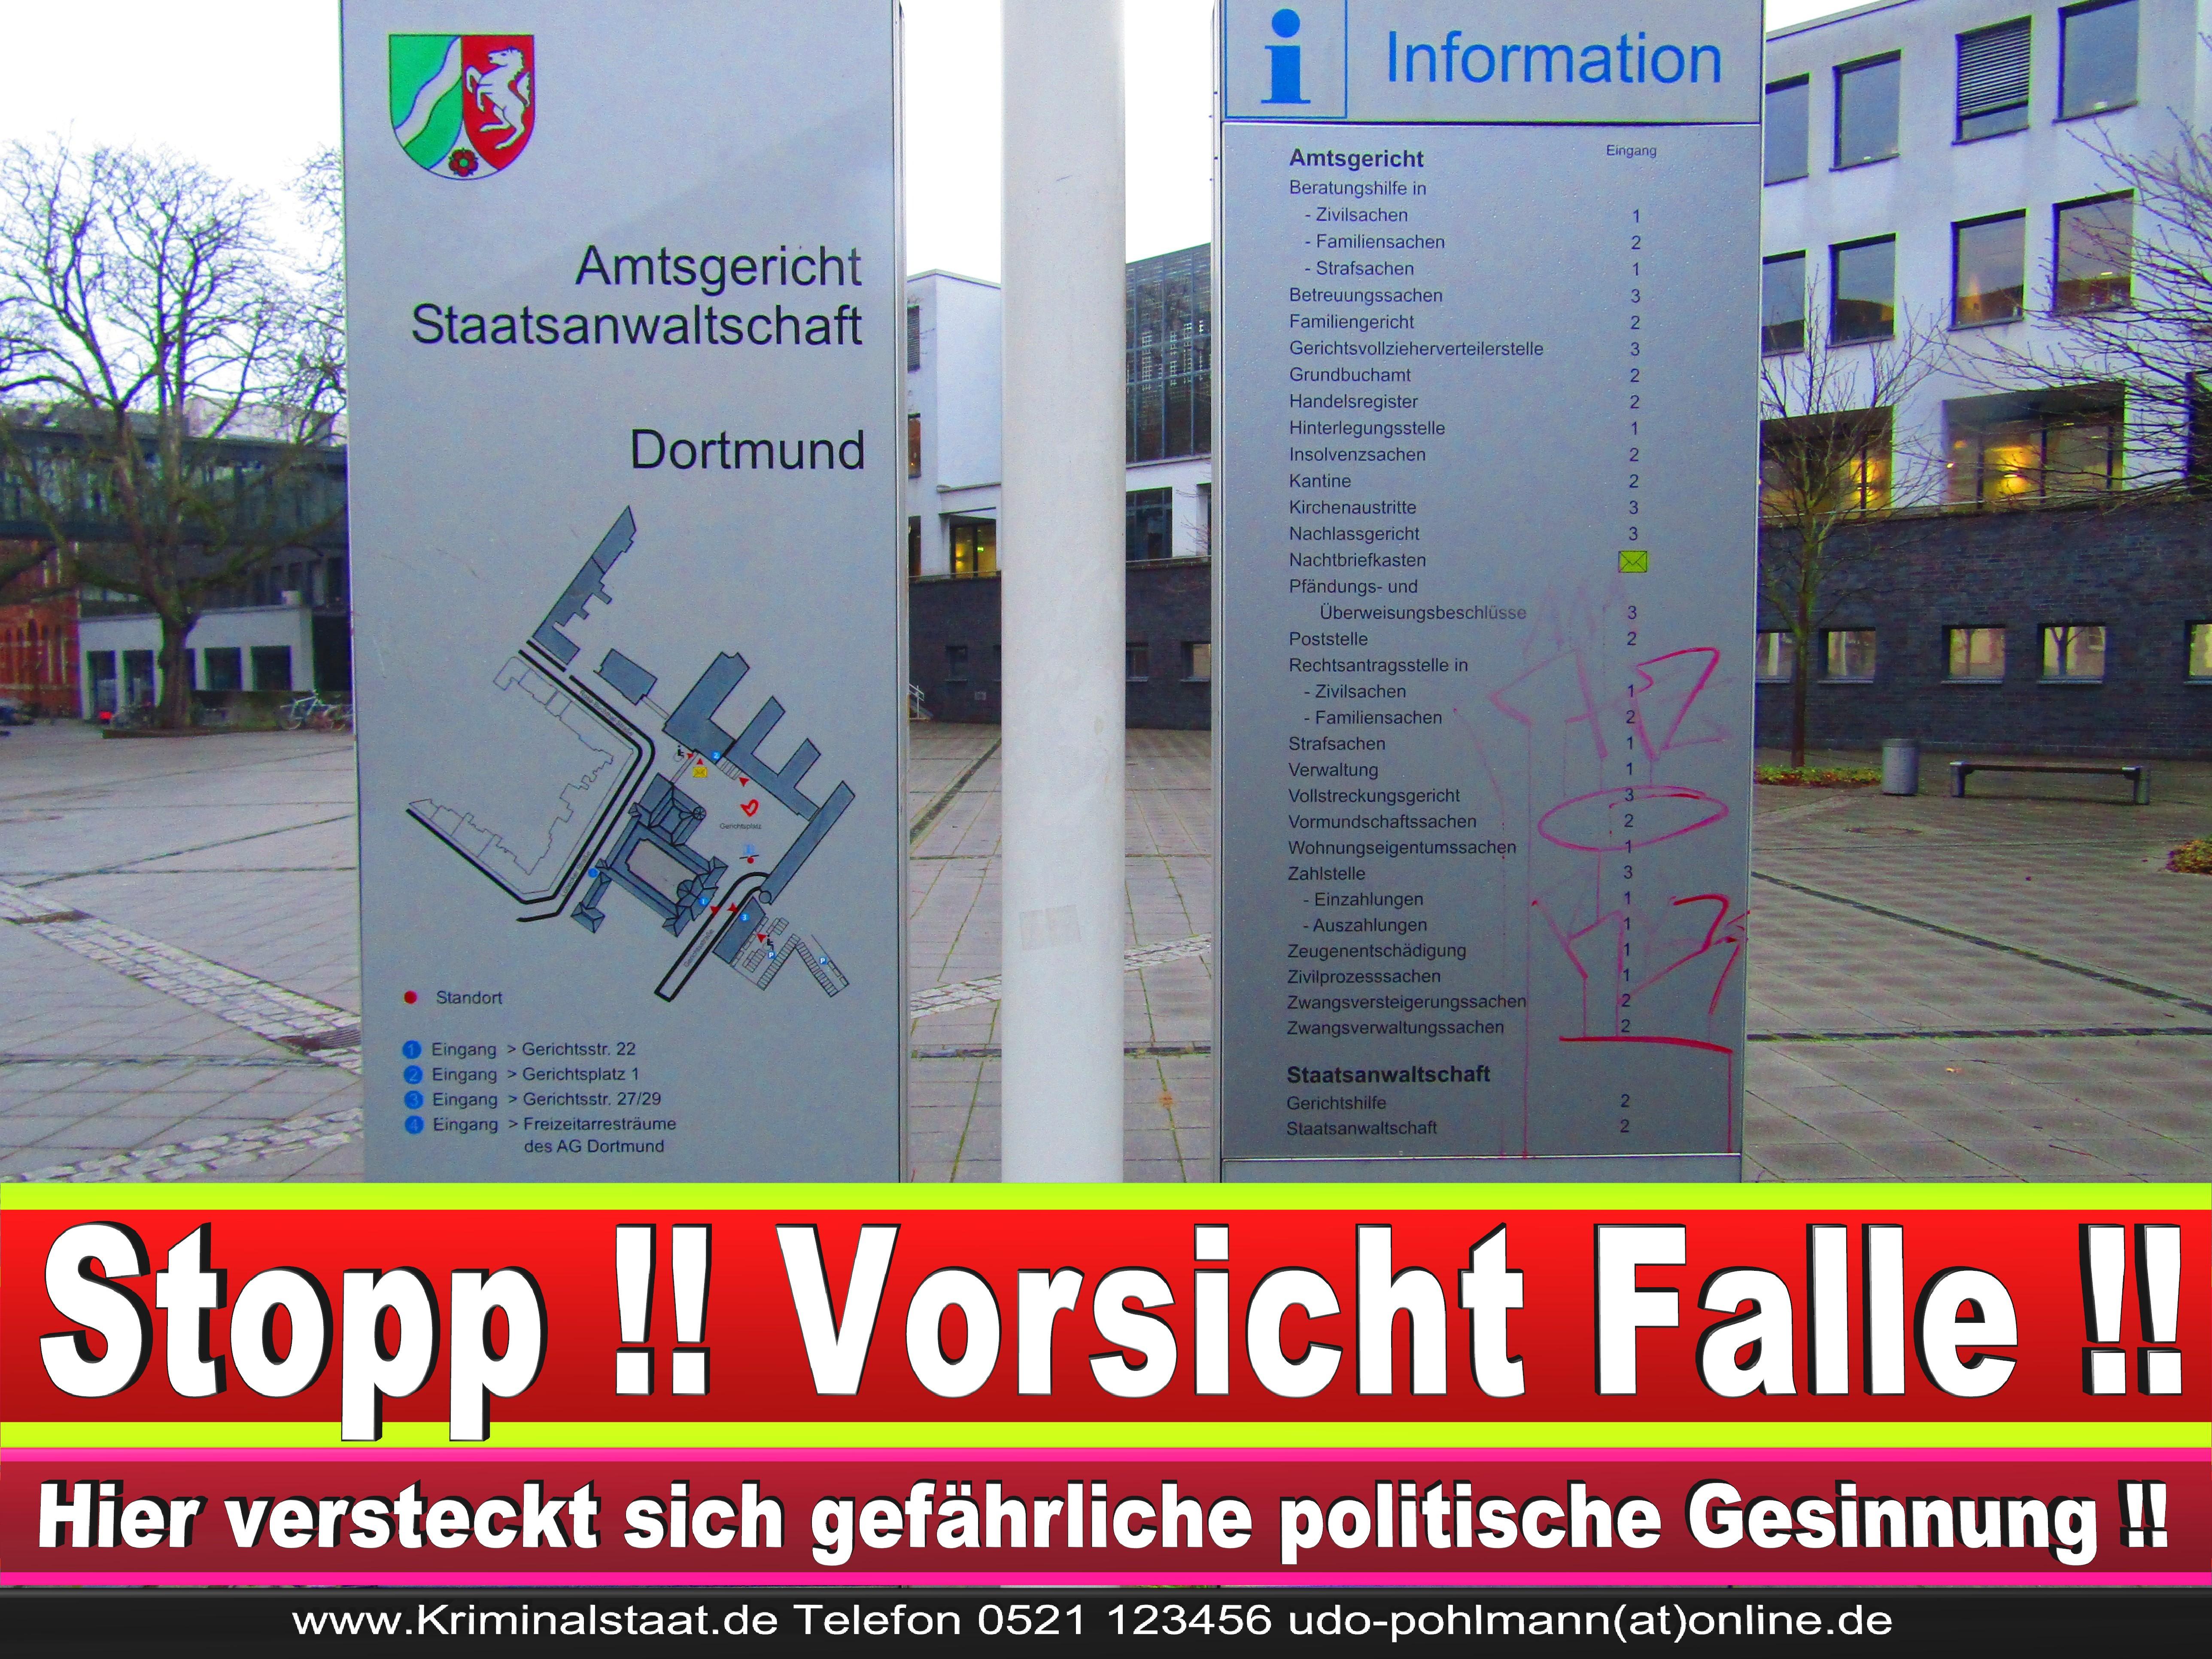 AMTSGERICHT DORTMUND RICHTER AUSBILDUNG PRAKTIKUM ANFAHRT URTEILE KORRUPTION POLIZEI ADRESSE DIREKTOR (14) 2